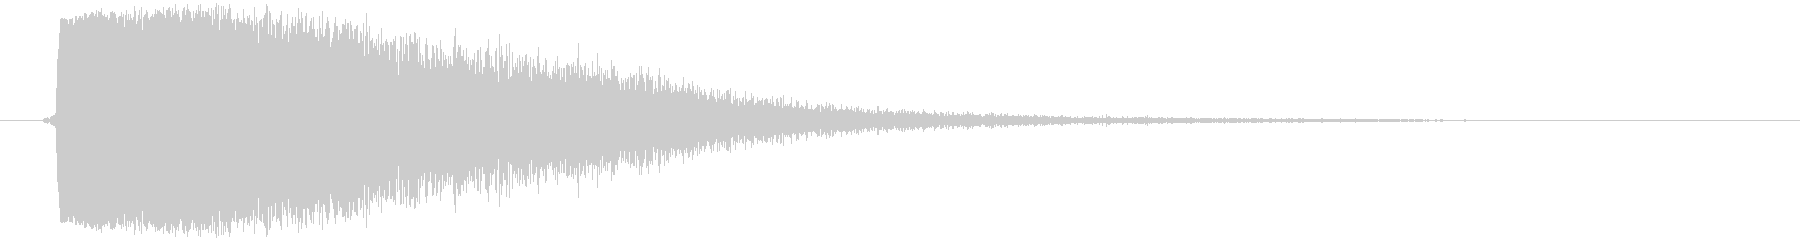 蒸発、蒸気 (短い) ジュワッの未再生の波形